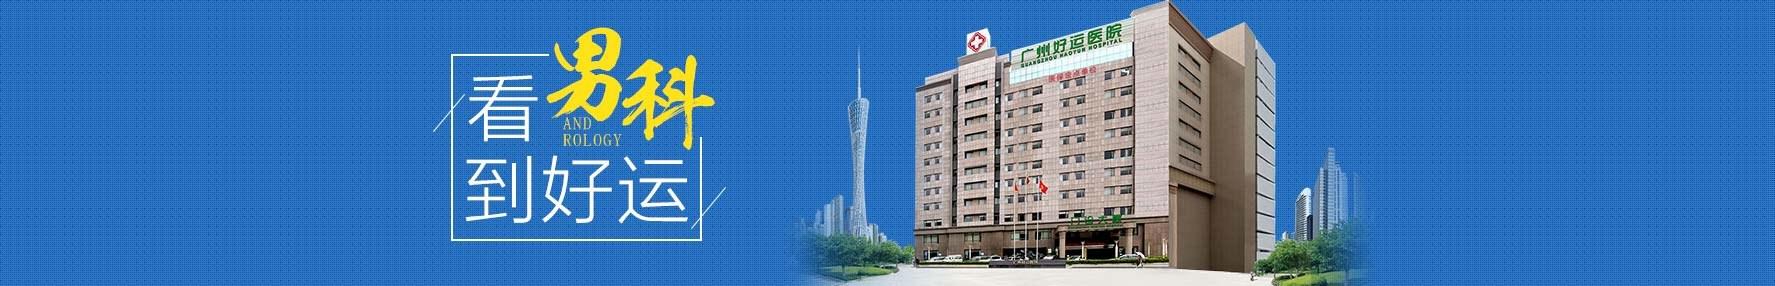 广州男性医院哪家好